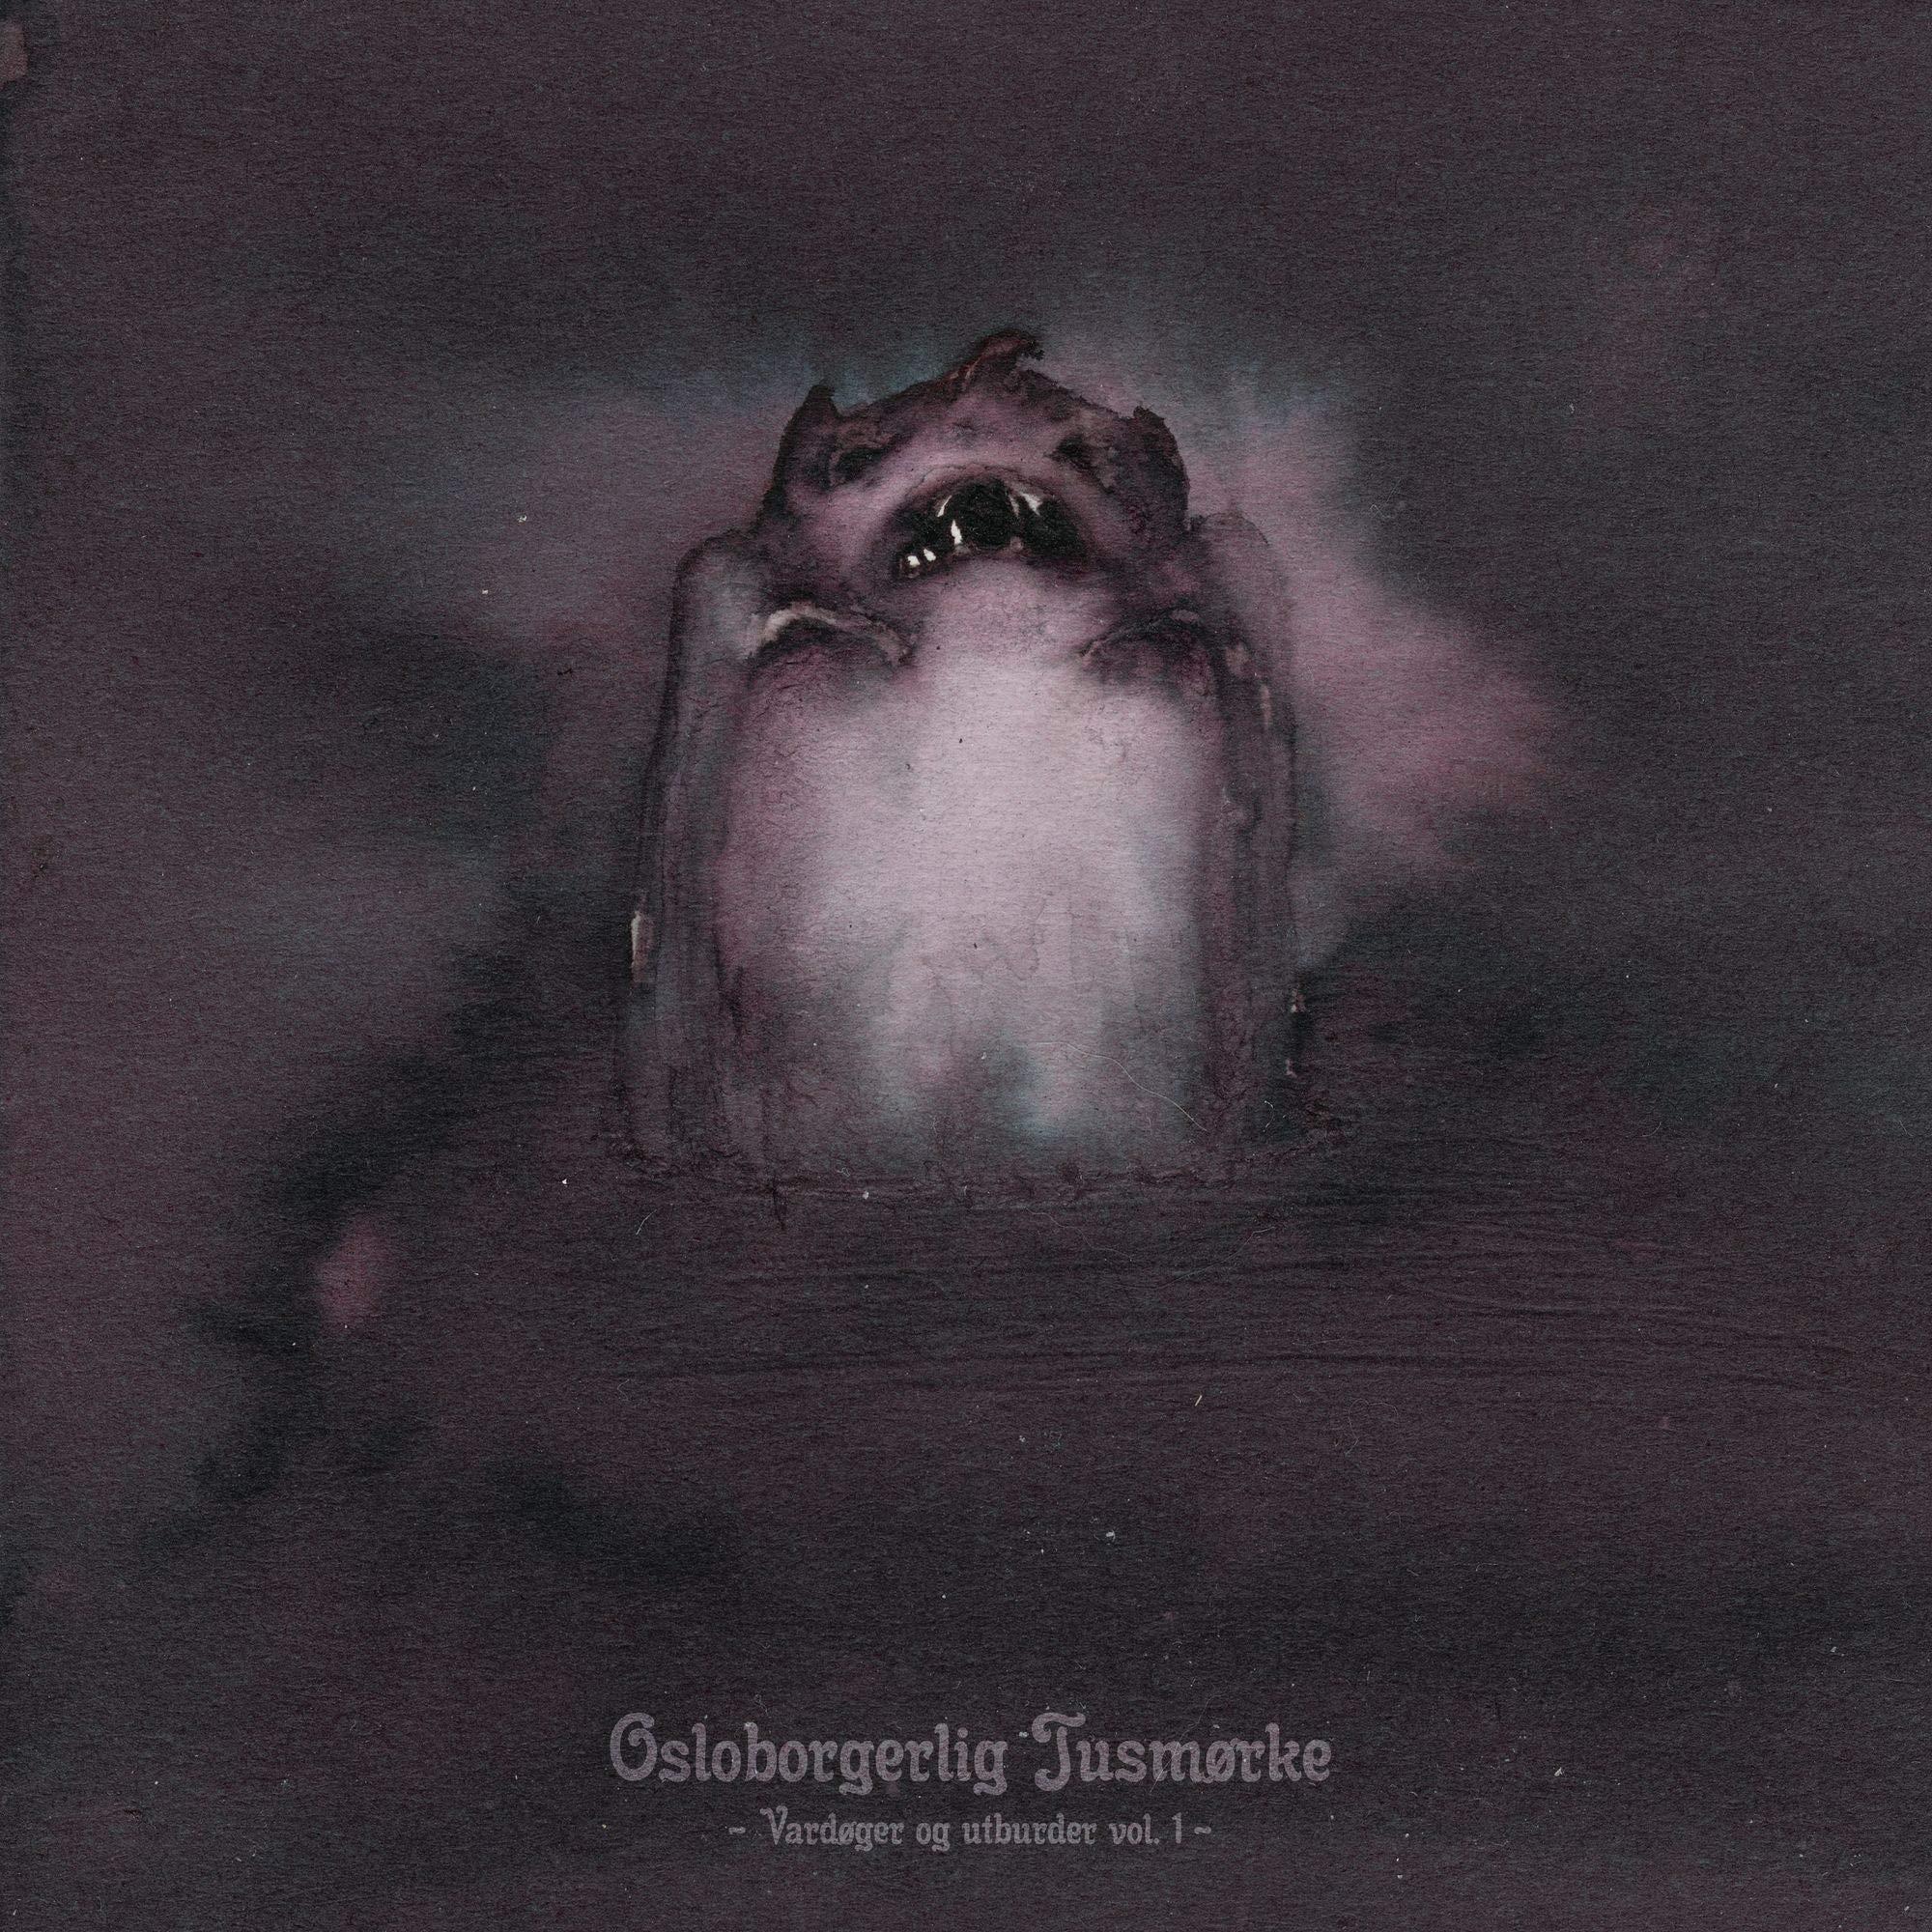 Vinilo : Tusmorke - Osloborgerlig Tusmorke: Vardoger Og Utburger Vol 1 (LP Vinyl)